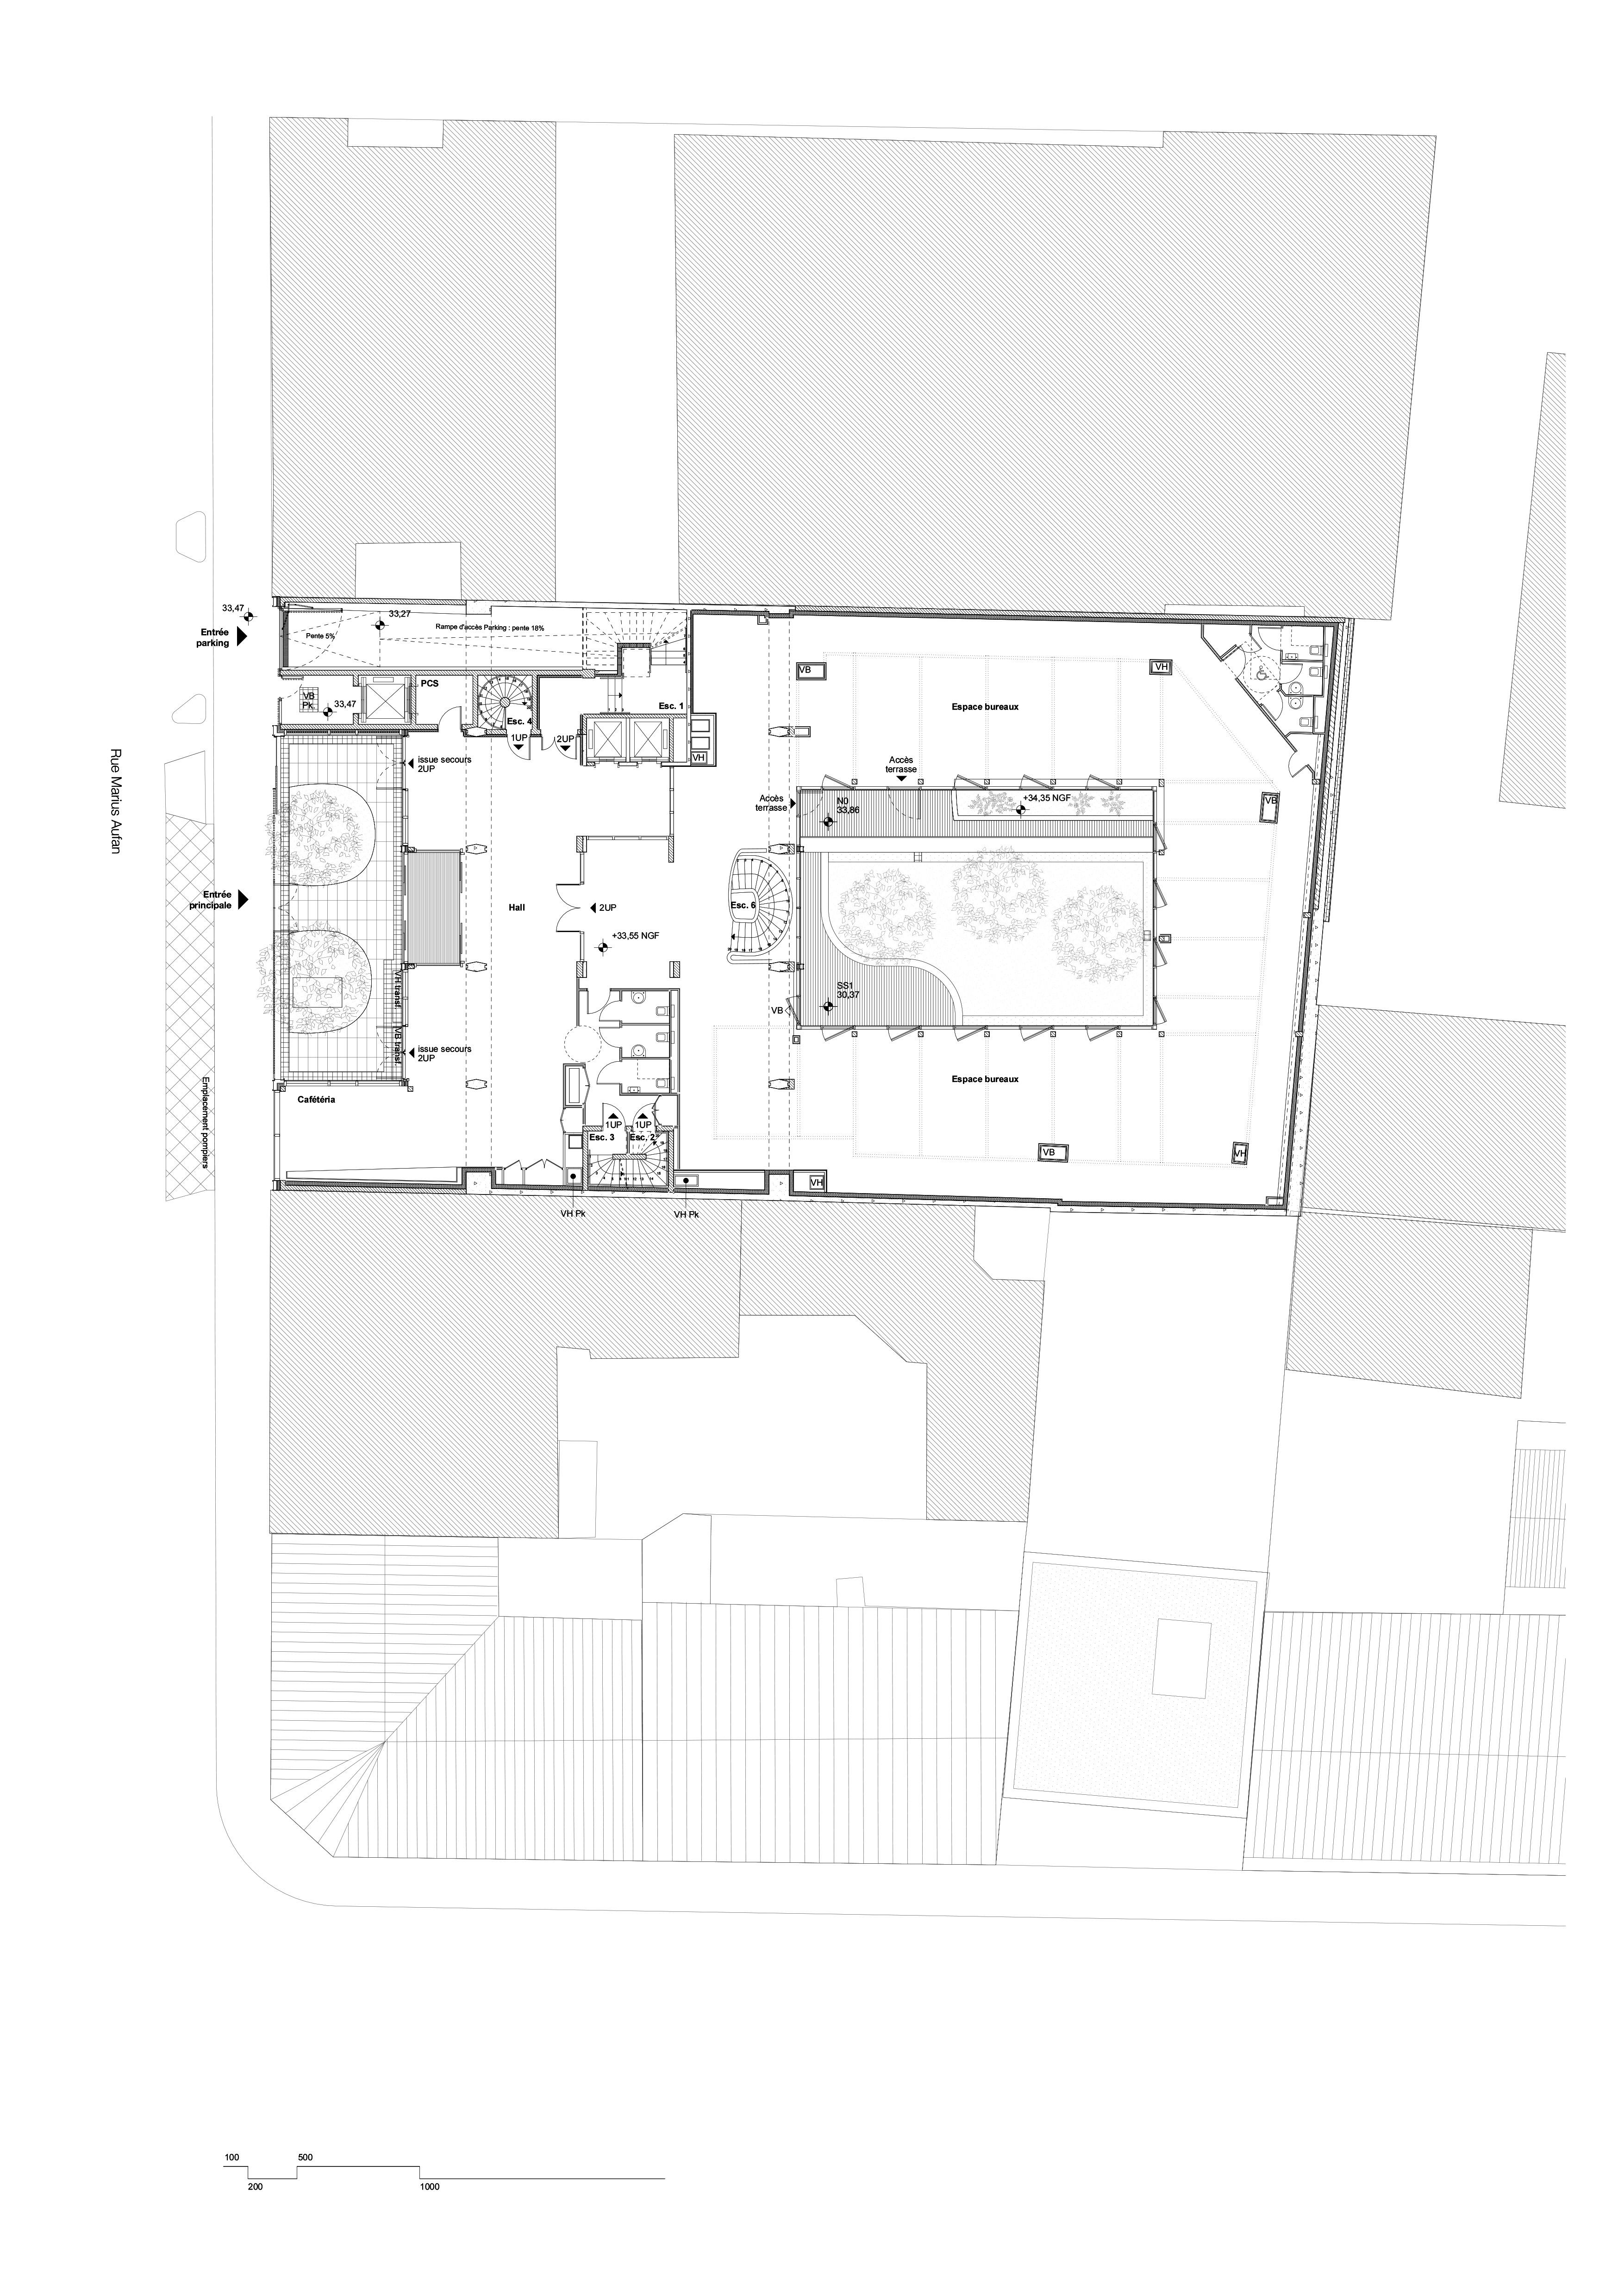 Querencia | Atelier d'architecture | Marius Aufan | Plan